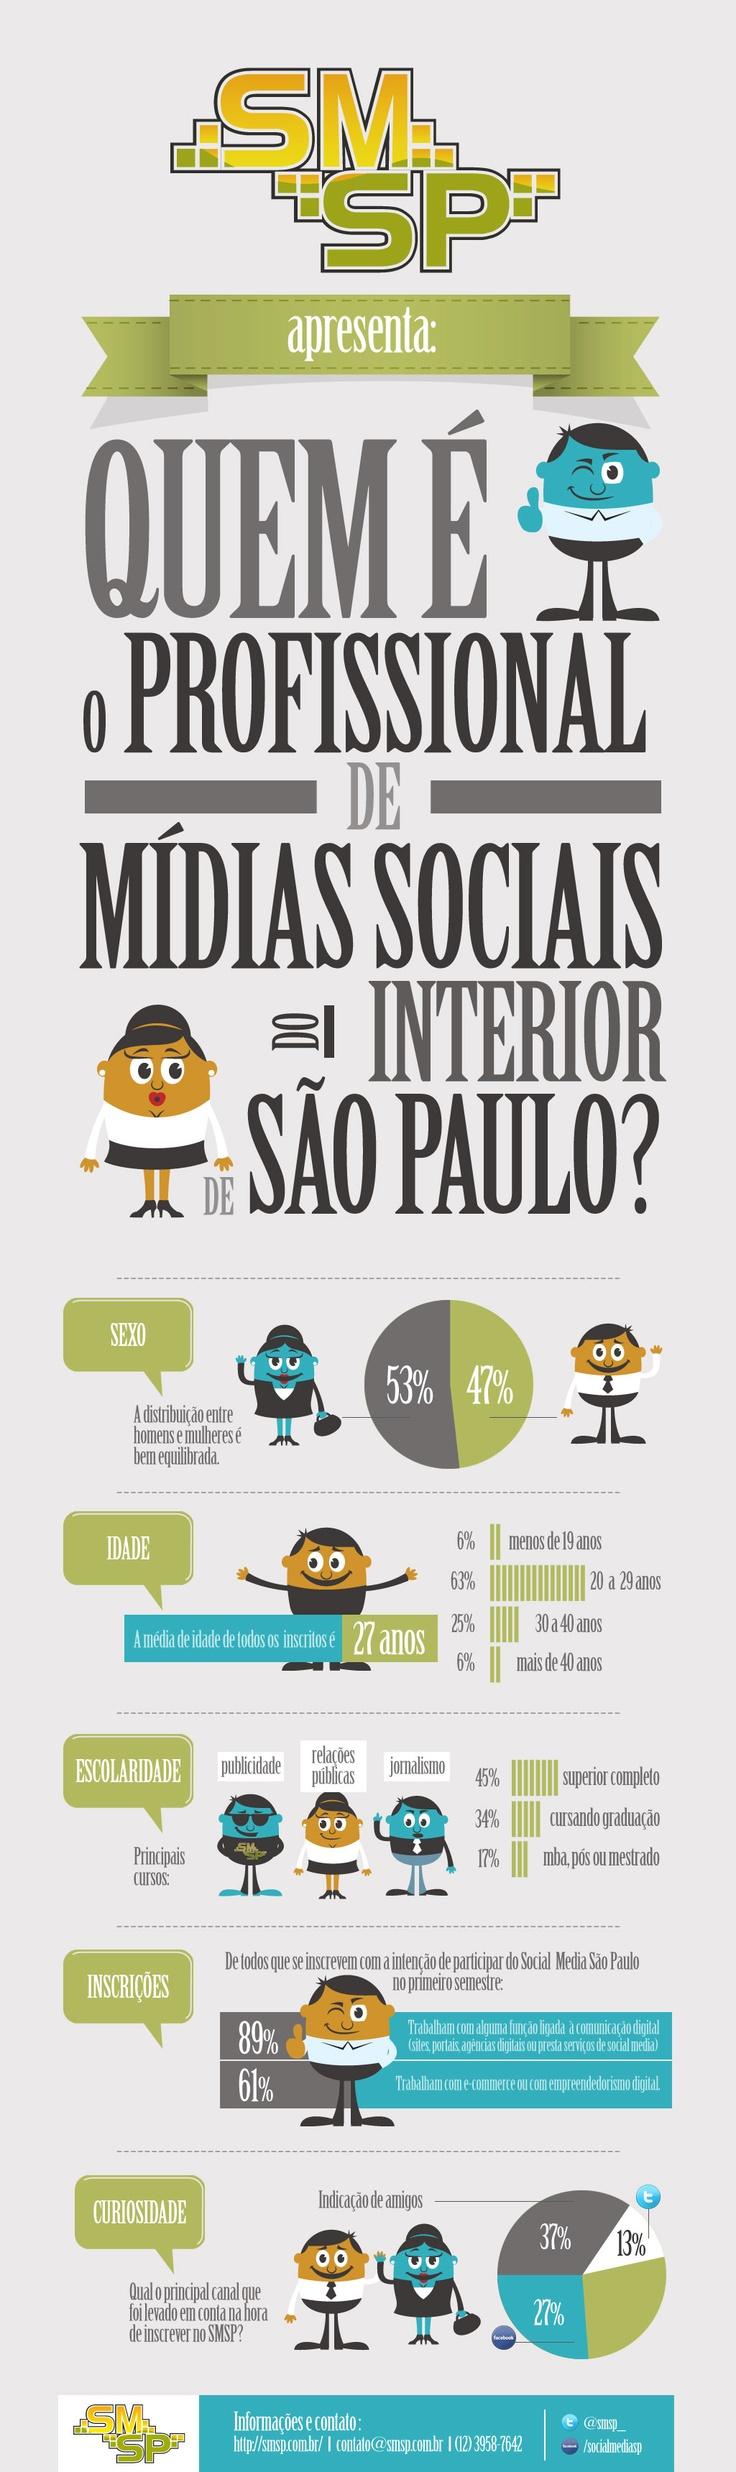 Um excelente infográfico feito pelo pessoal do #smsp sobre o profissional de mídias sociais do interior de SP.